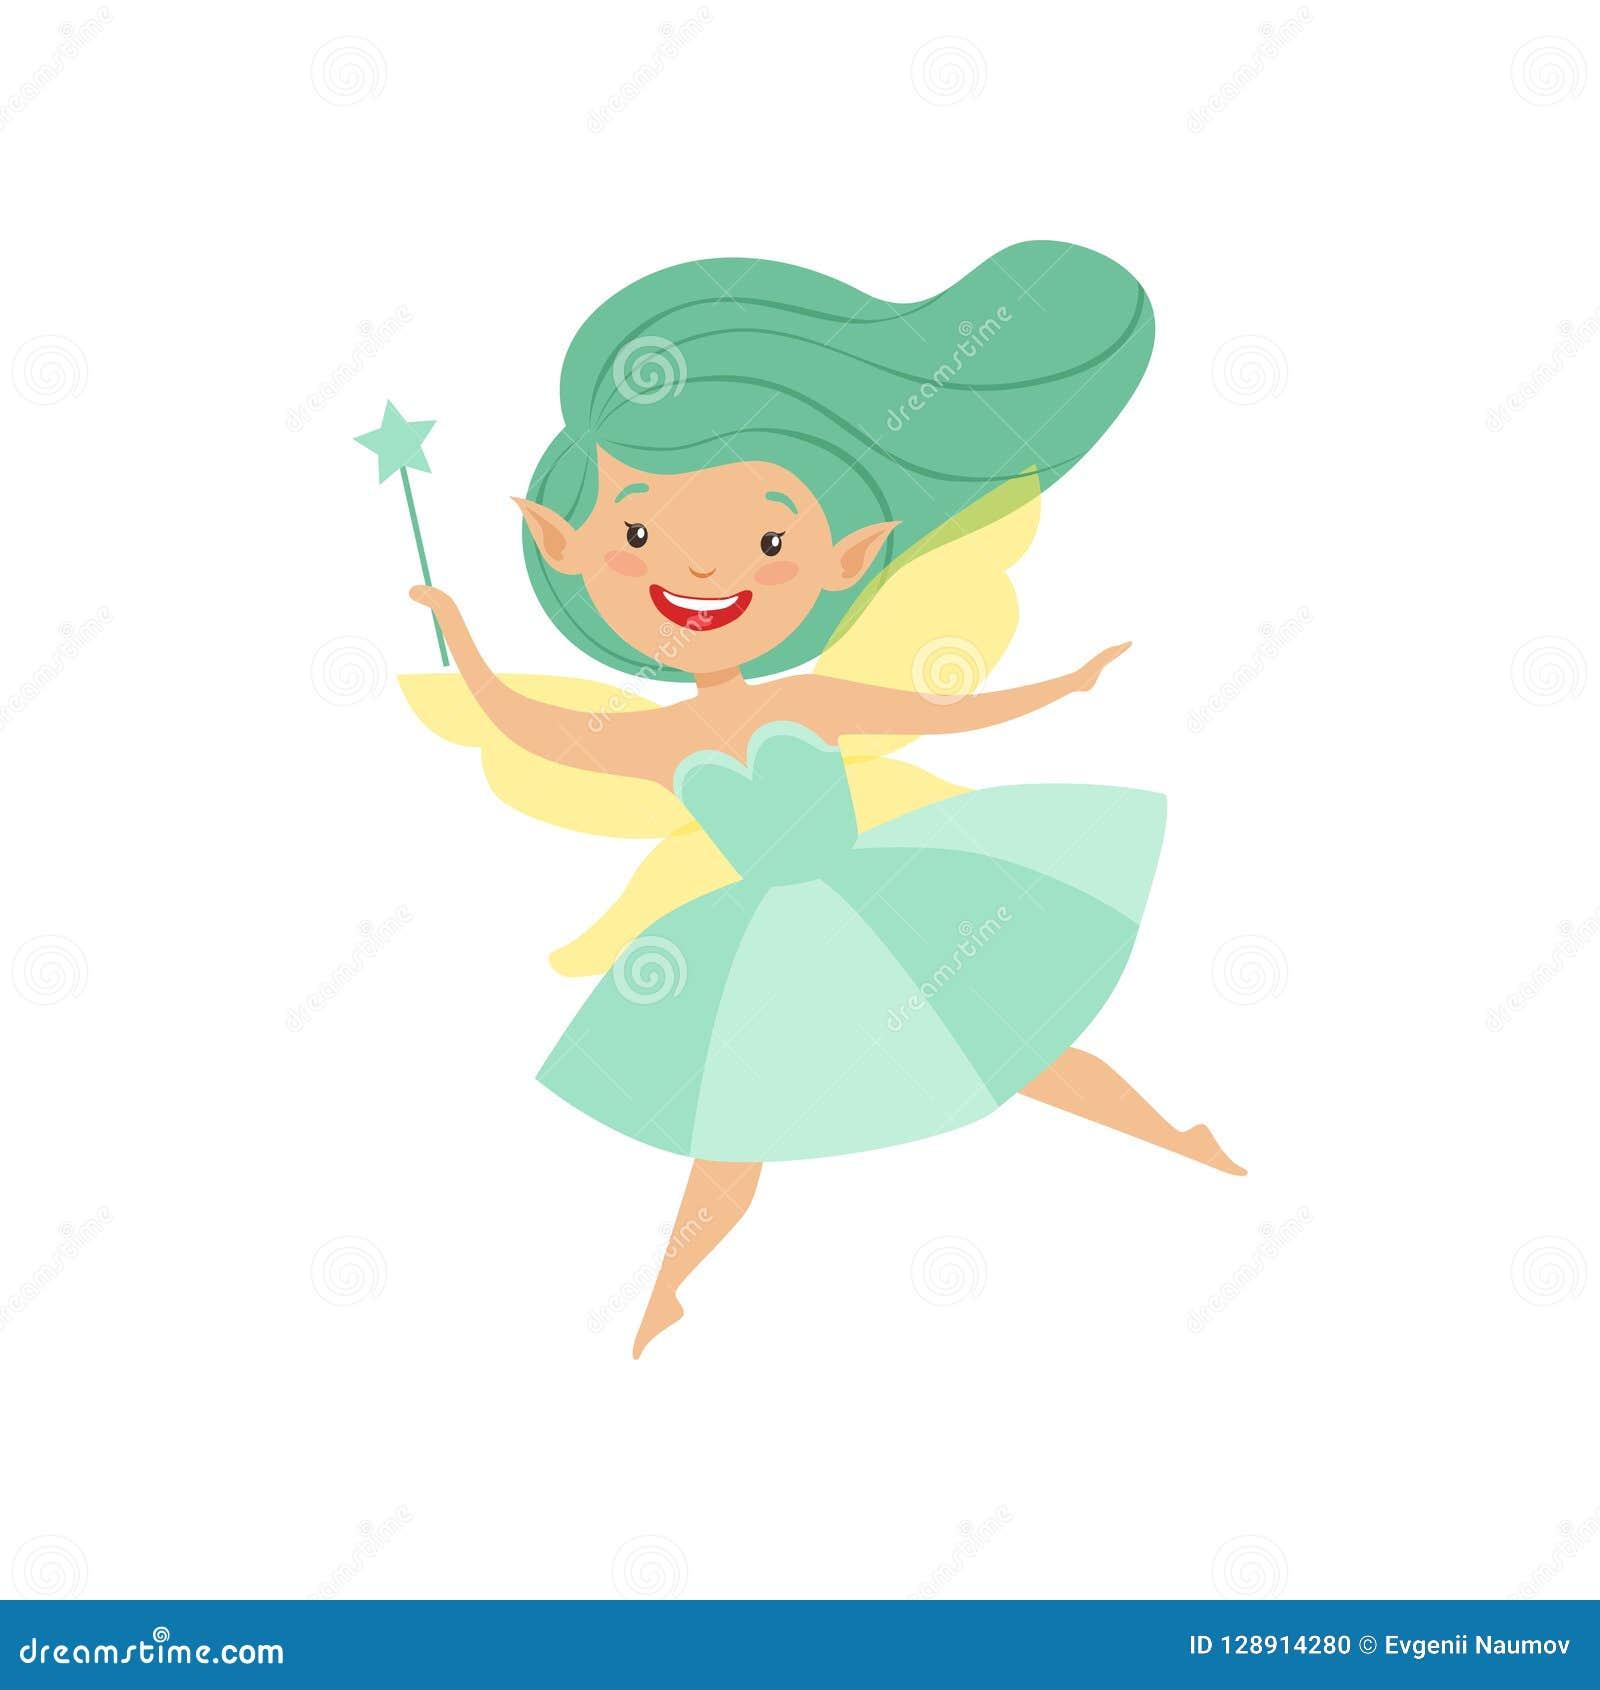 Χαριτωμένος όμορφος λίγη φτερωτή νεράιδα, καλό κορίτσι με μακρυμάλλη και φόρεμα στην τυρκουάζ διανυσματική απεικόνιση χρωμάτων στ